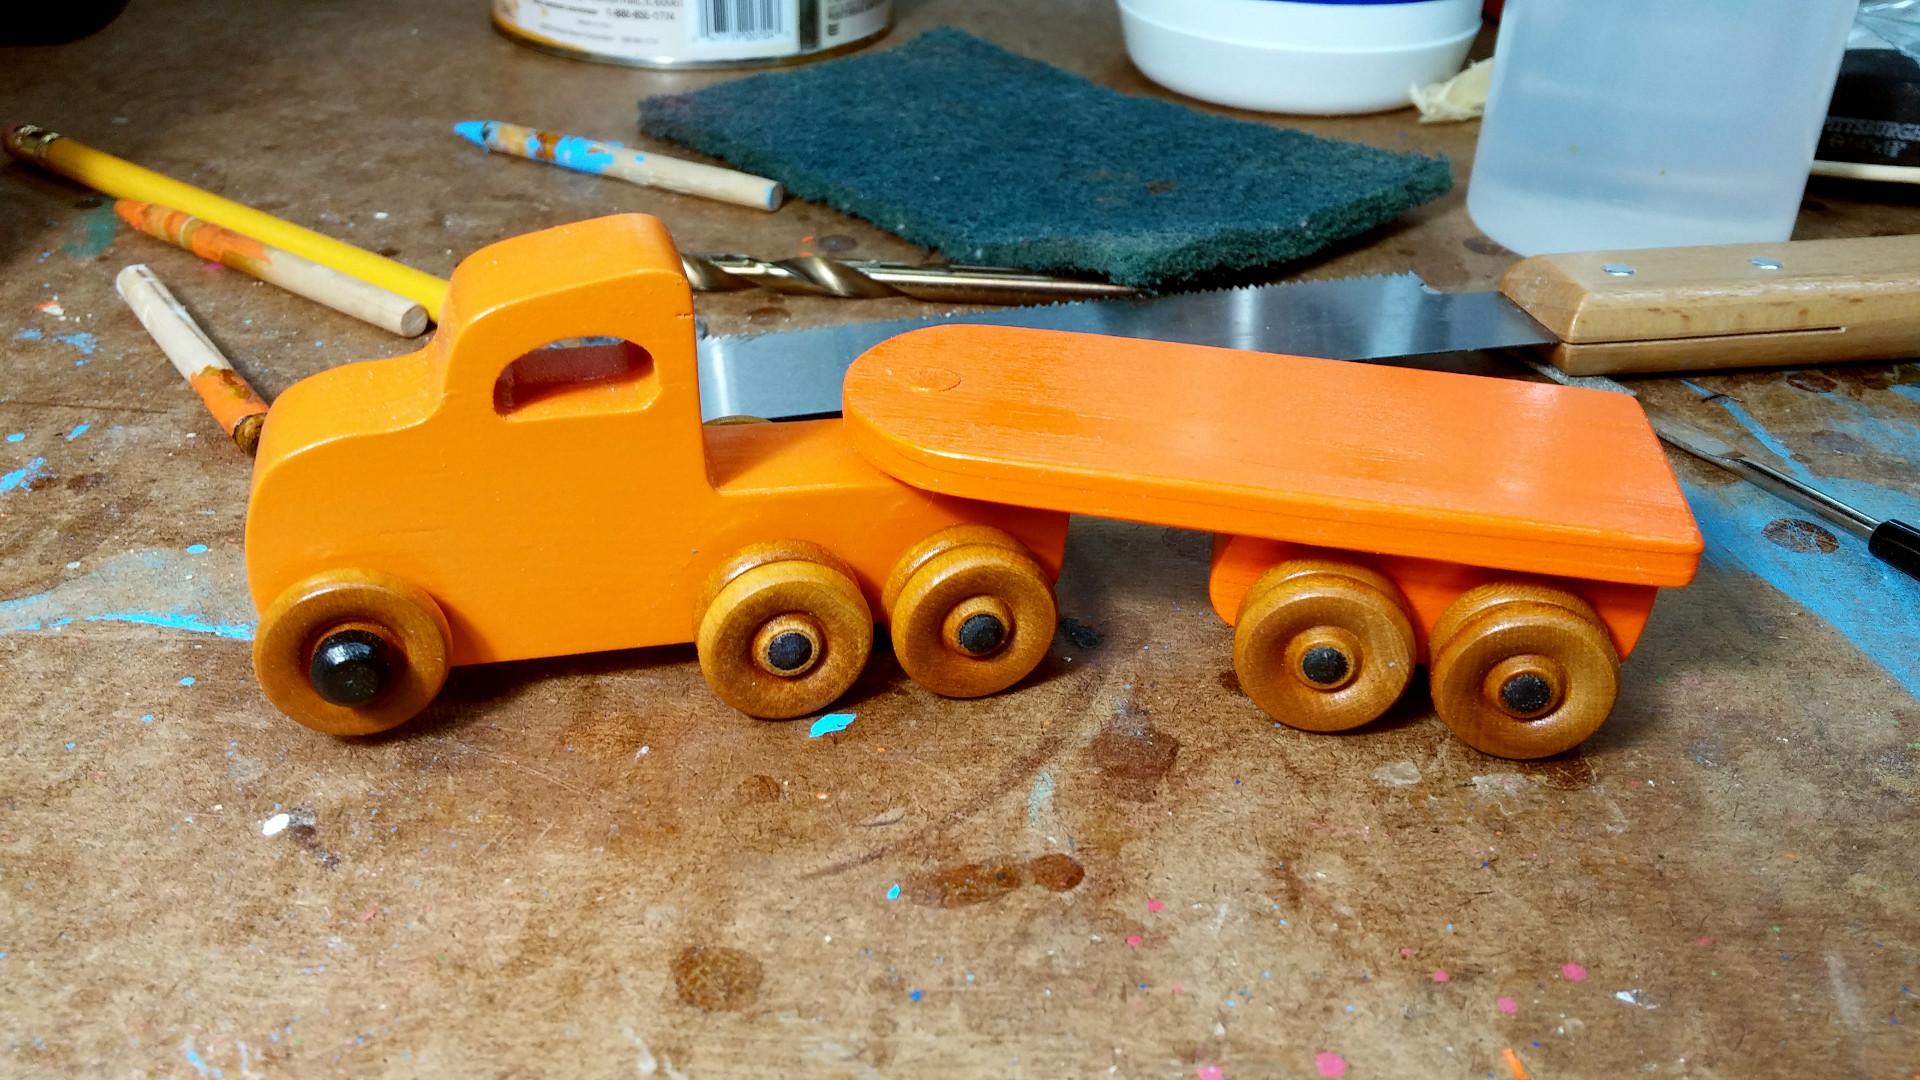 2017-05-11 04.20.25 - Wooden Toy - Play Pal - Trailer - Truck - Orange.jpg